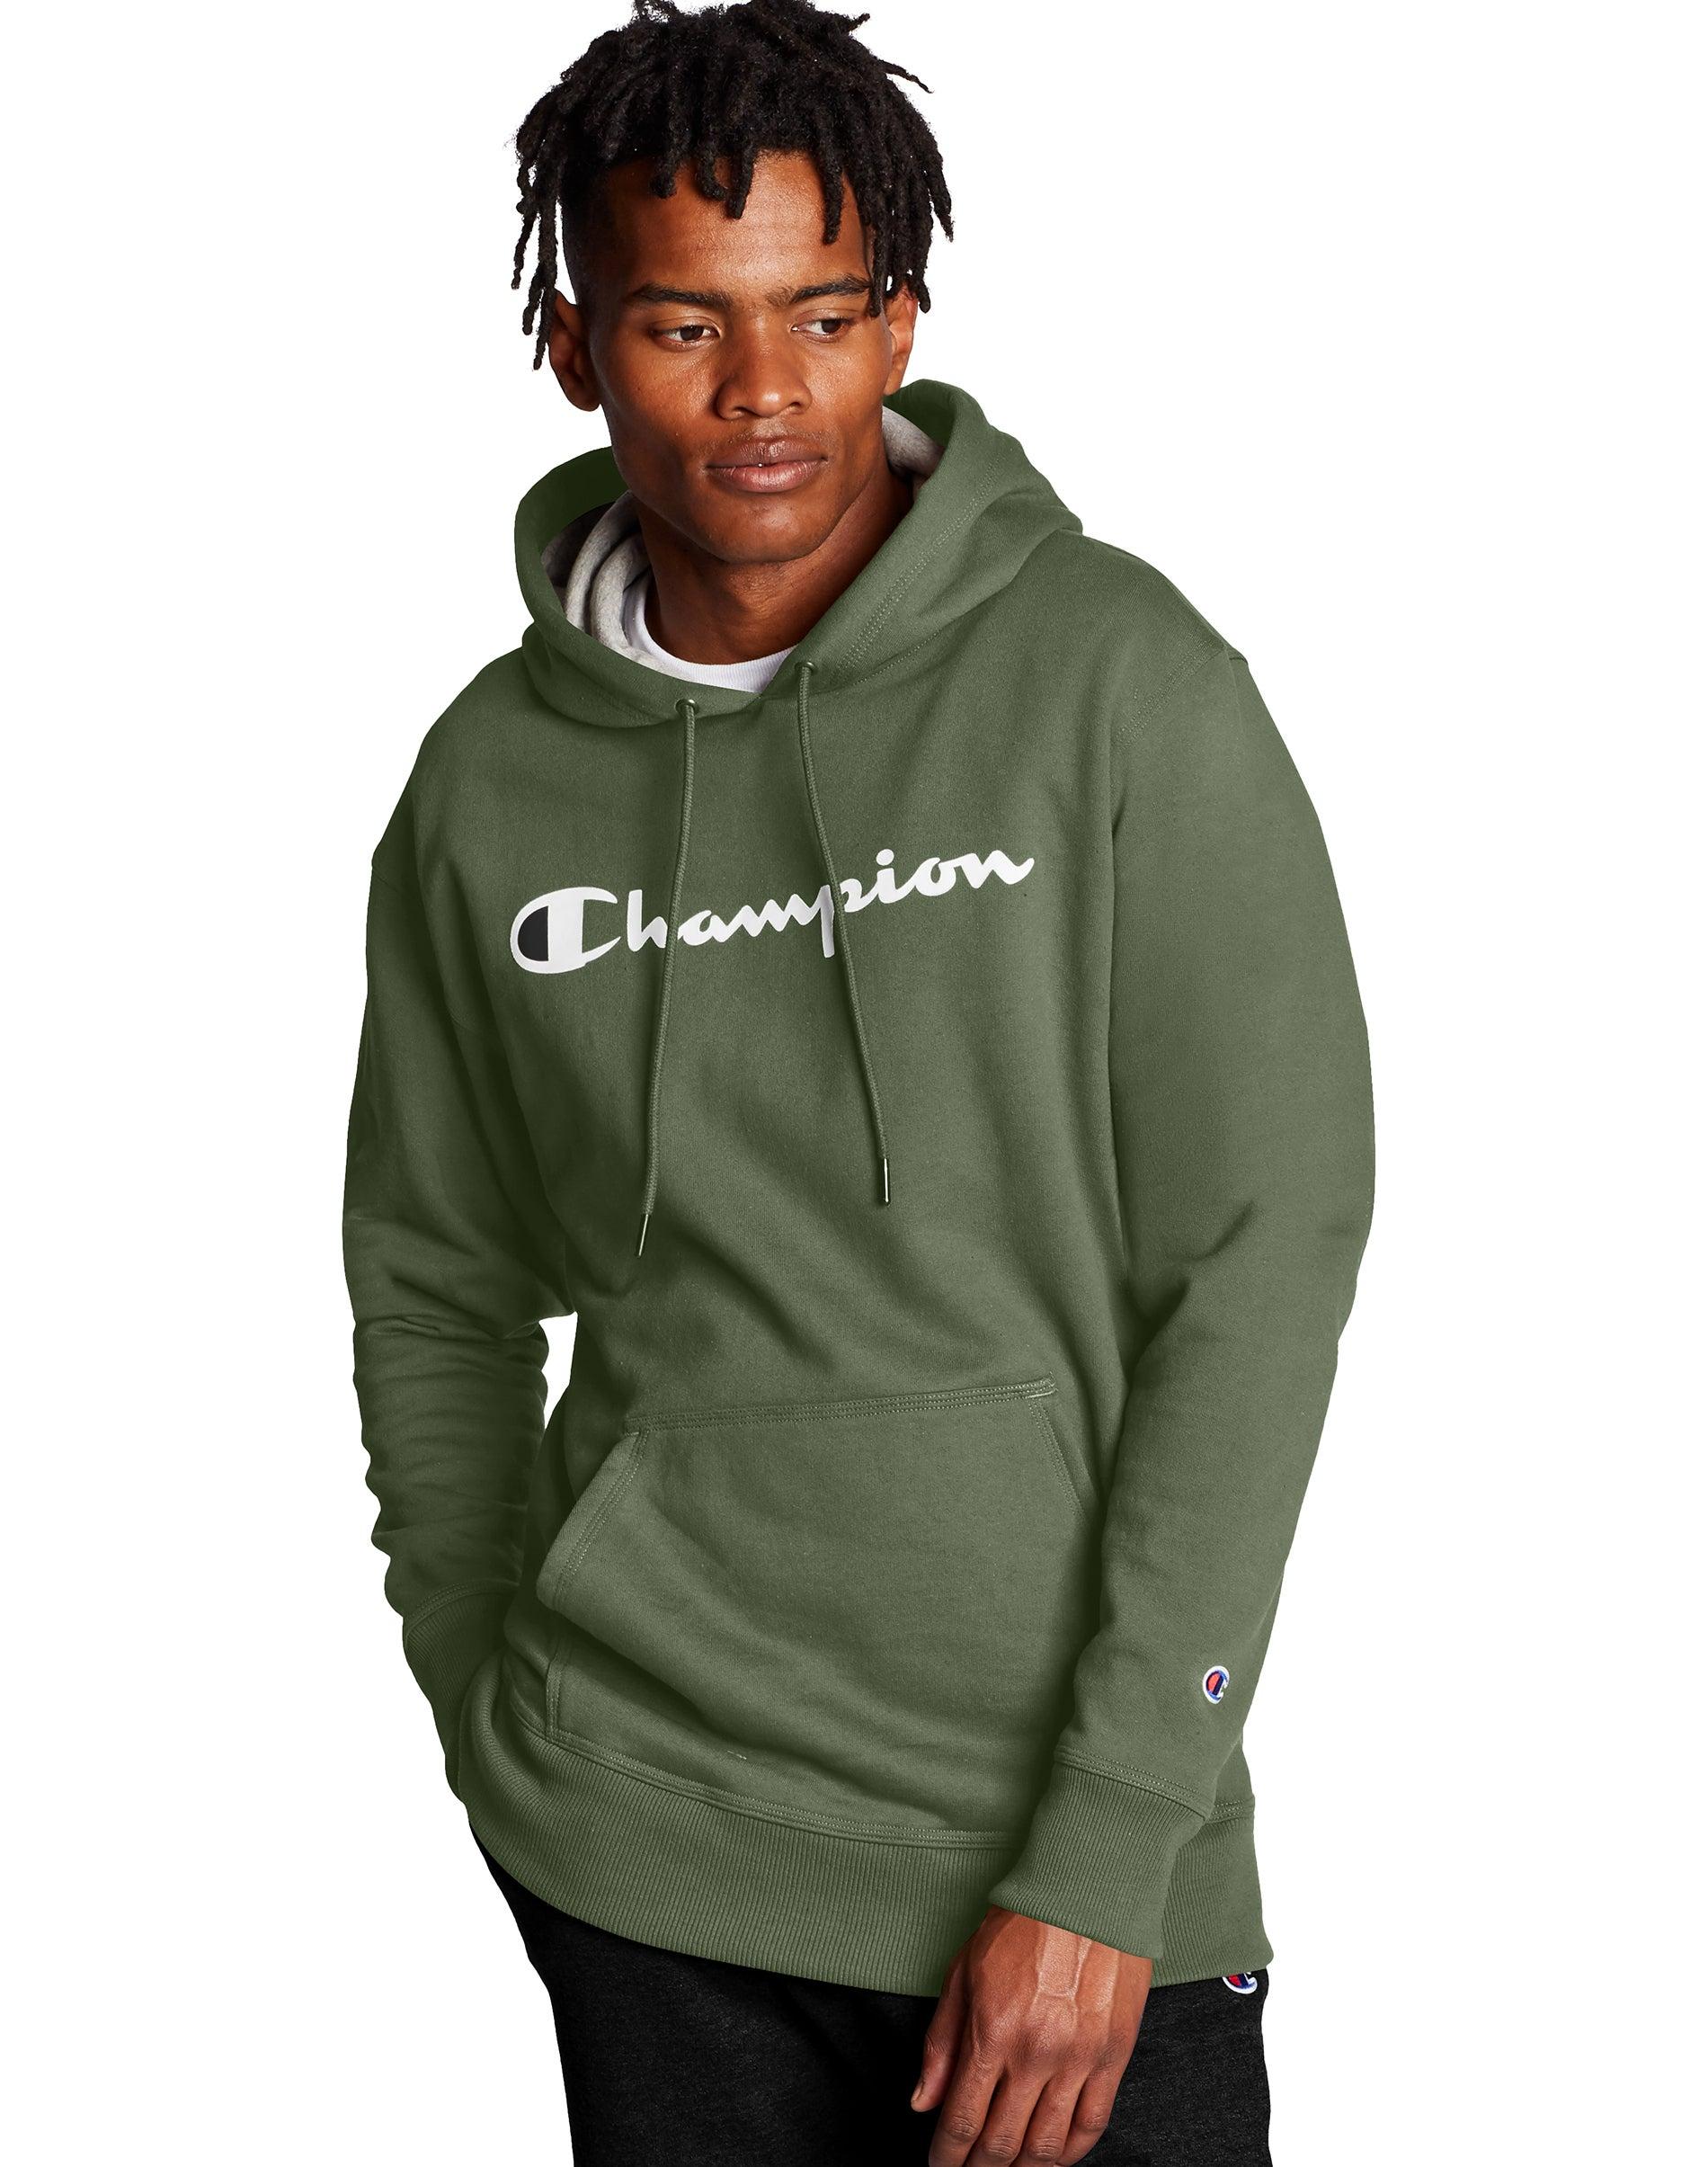 Champion men hoodie zip sweatshirt long sleeves 2 pockets open